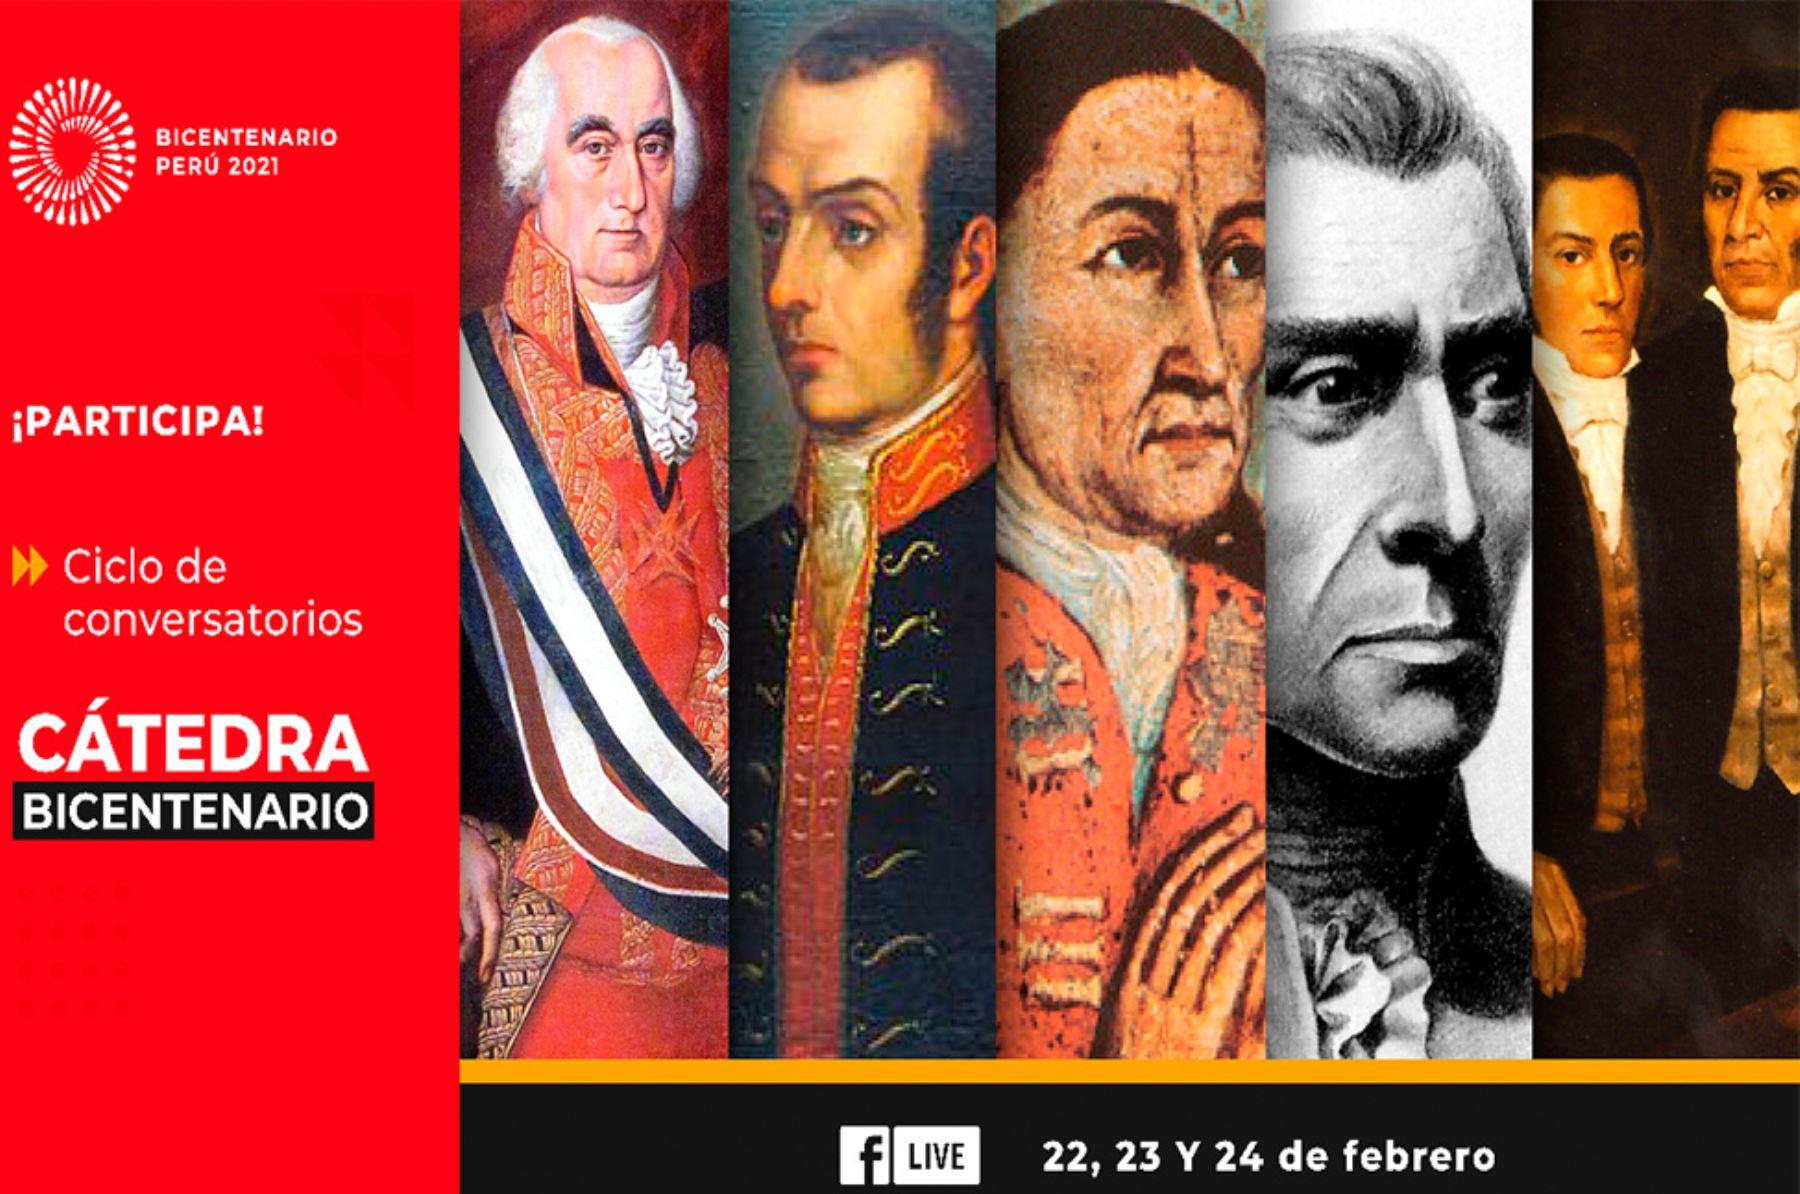 proyecto-bicentenario-iniciara-conversatorios-sobre-la-independencia-del-peru